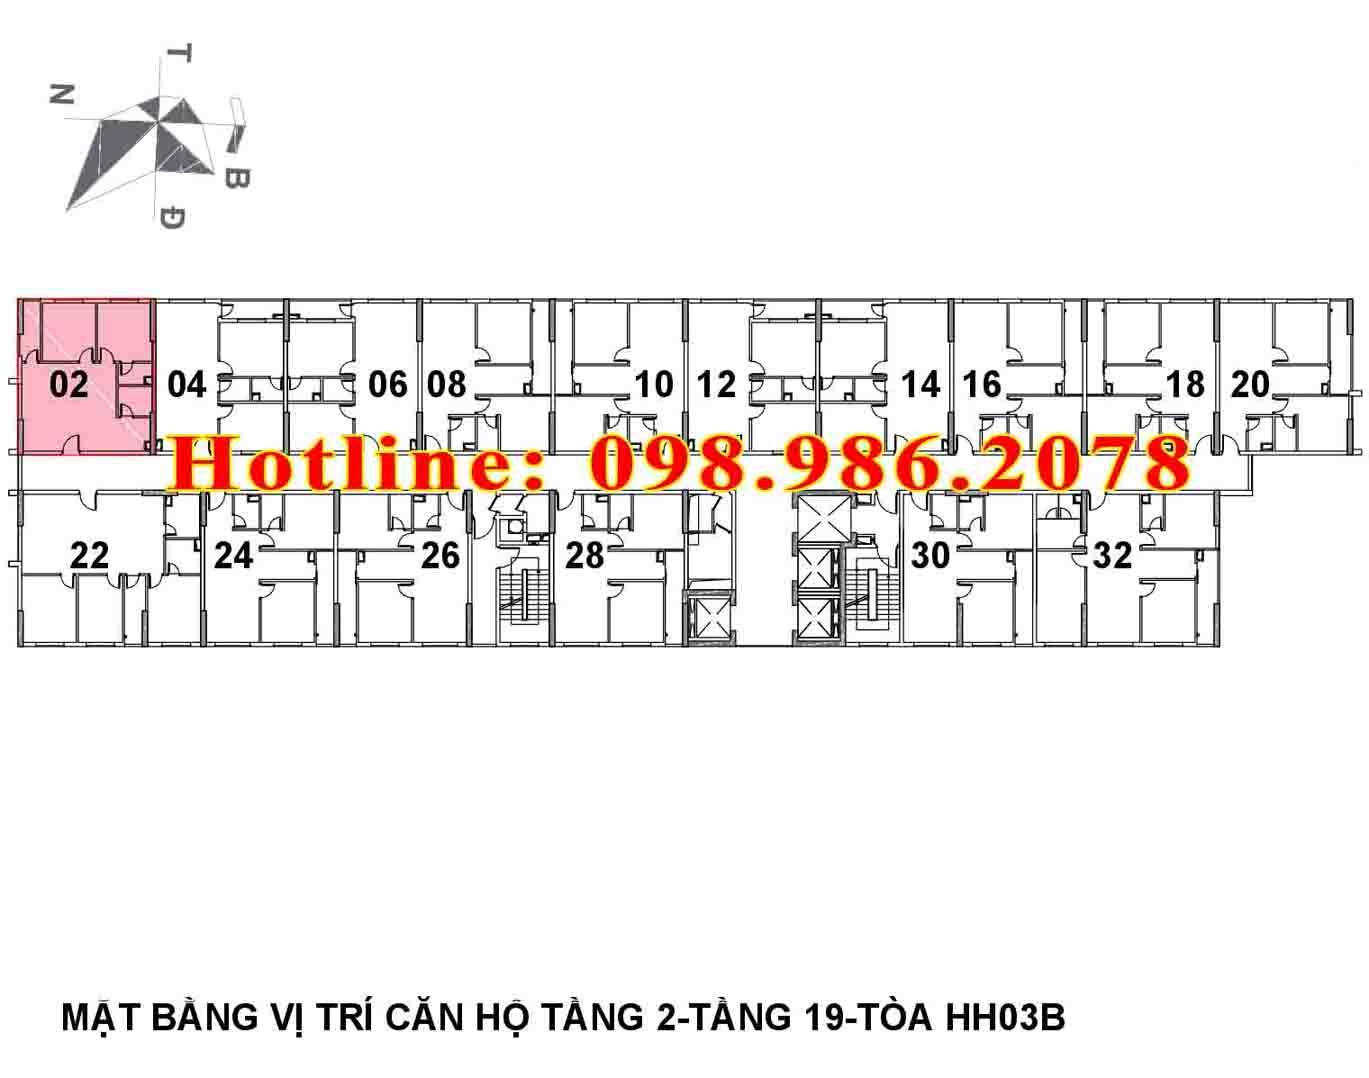 mat bang chung cu b1.3 hh03b thanh ha